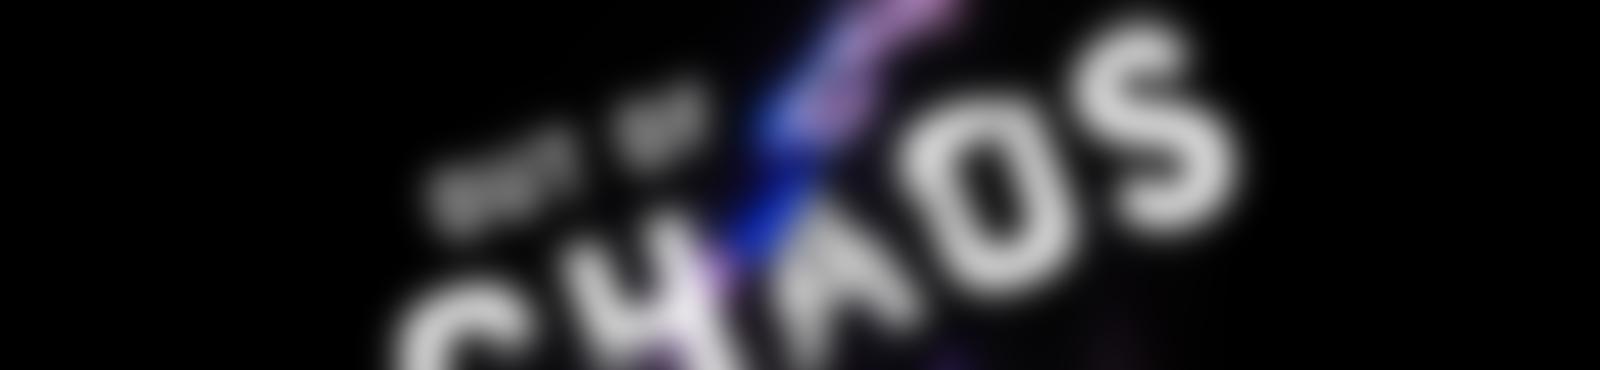 Blurred ad1d56f6 46bf 40f4 b2ee a90040db0508